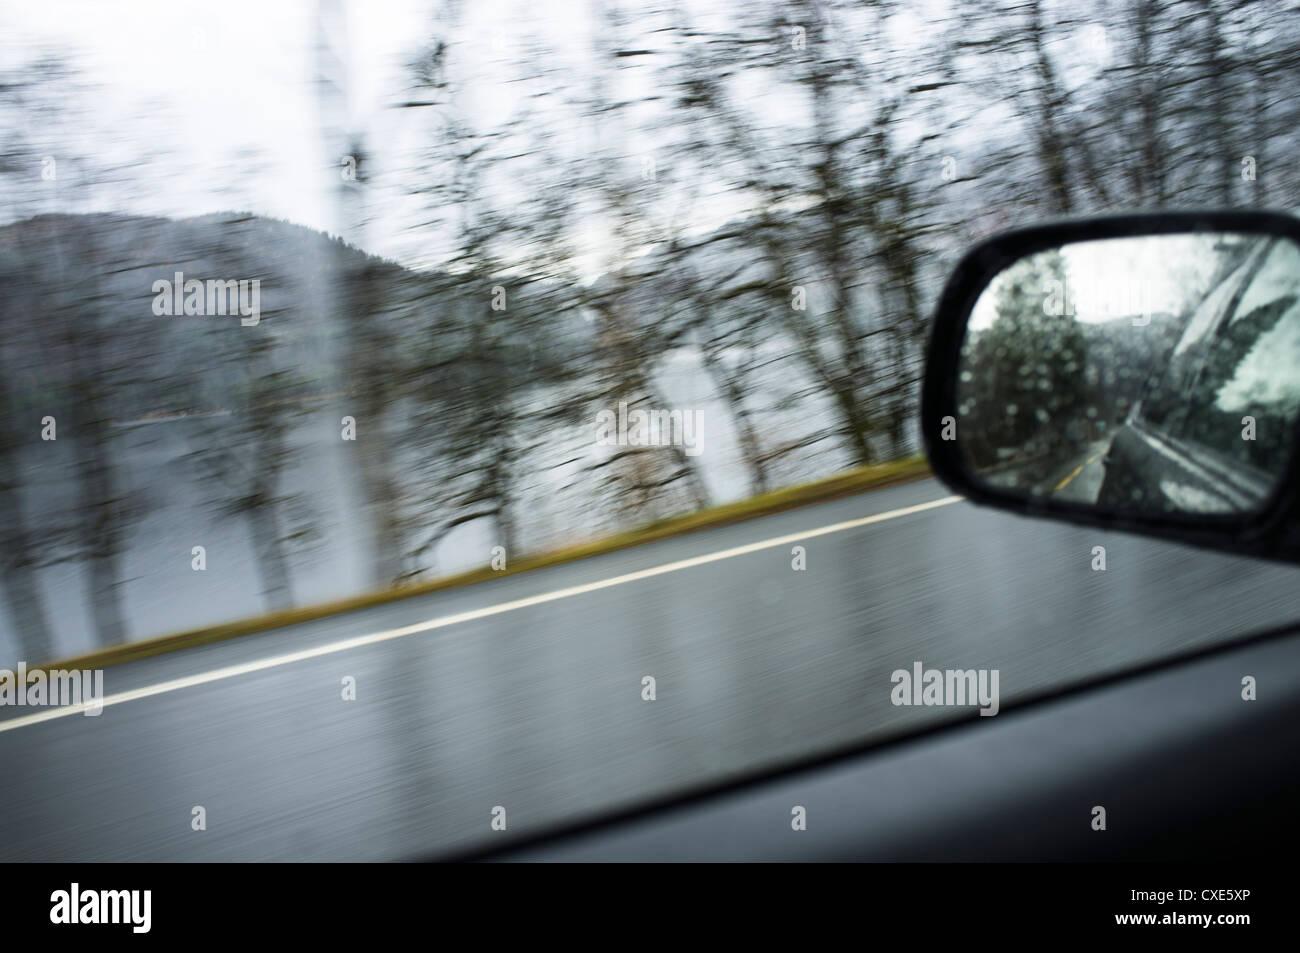 Landschaft, Bil, Väg, Vei, Spegel, Speil, Fjäll, Fjell, Furz Stockbild